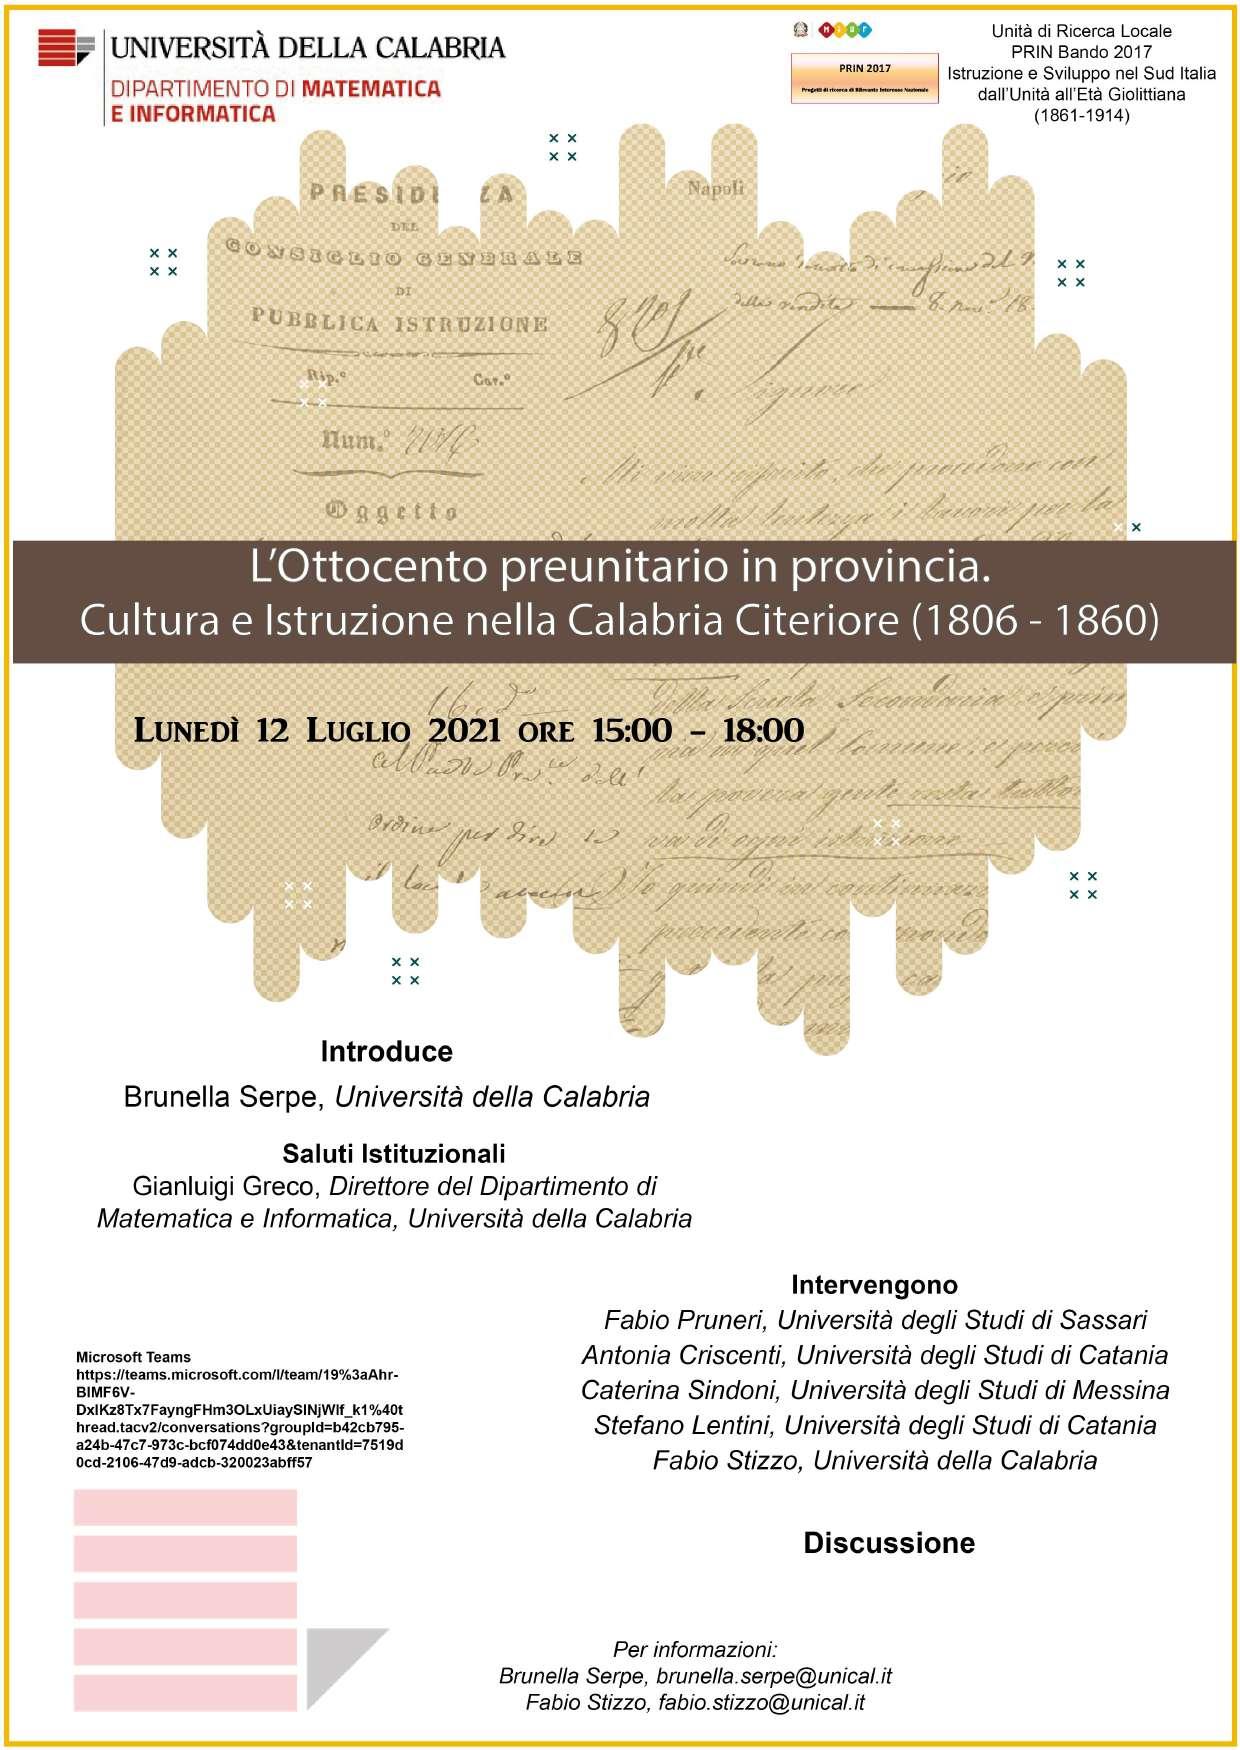 """Webinar """"L'Ottocento preunitario in provincia. Cultura e istruzione nella calabria citeriore (1806-1860)"""" - 12 luglio - Locandina"""